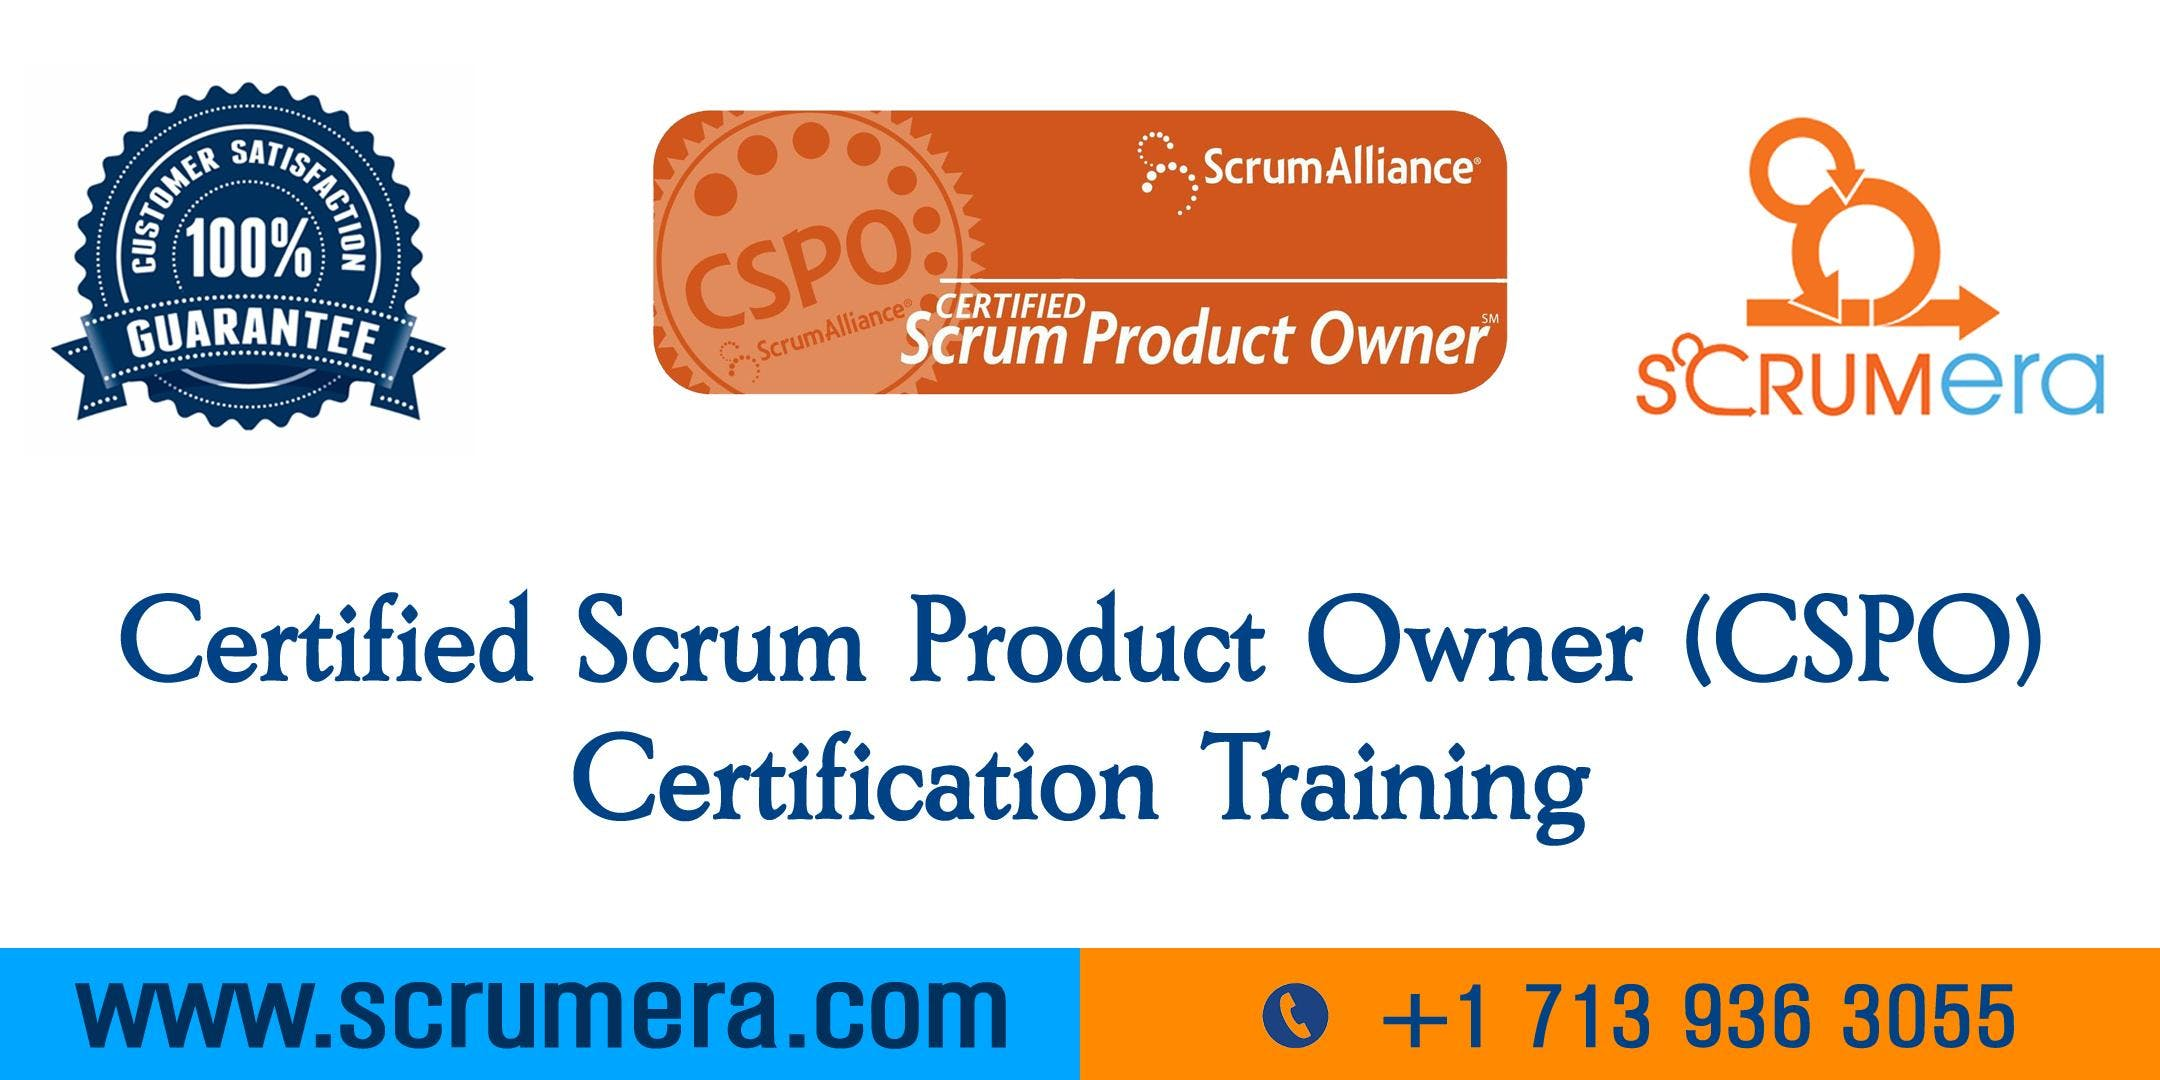 Certified Scrum Product Owner (CSPO) Certification   CSPO Training   CSPO Certification Workshop   Certified Scrum Product Owner (CSPO) Training in Glendale, CA   ScrumERA